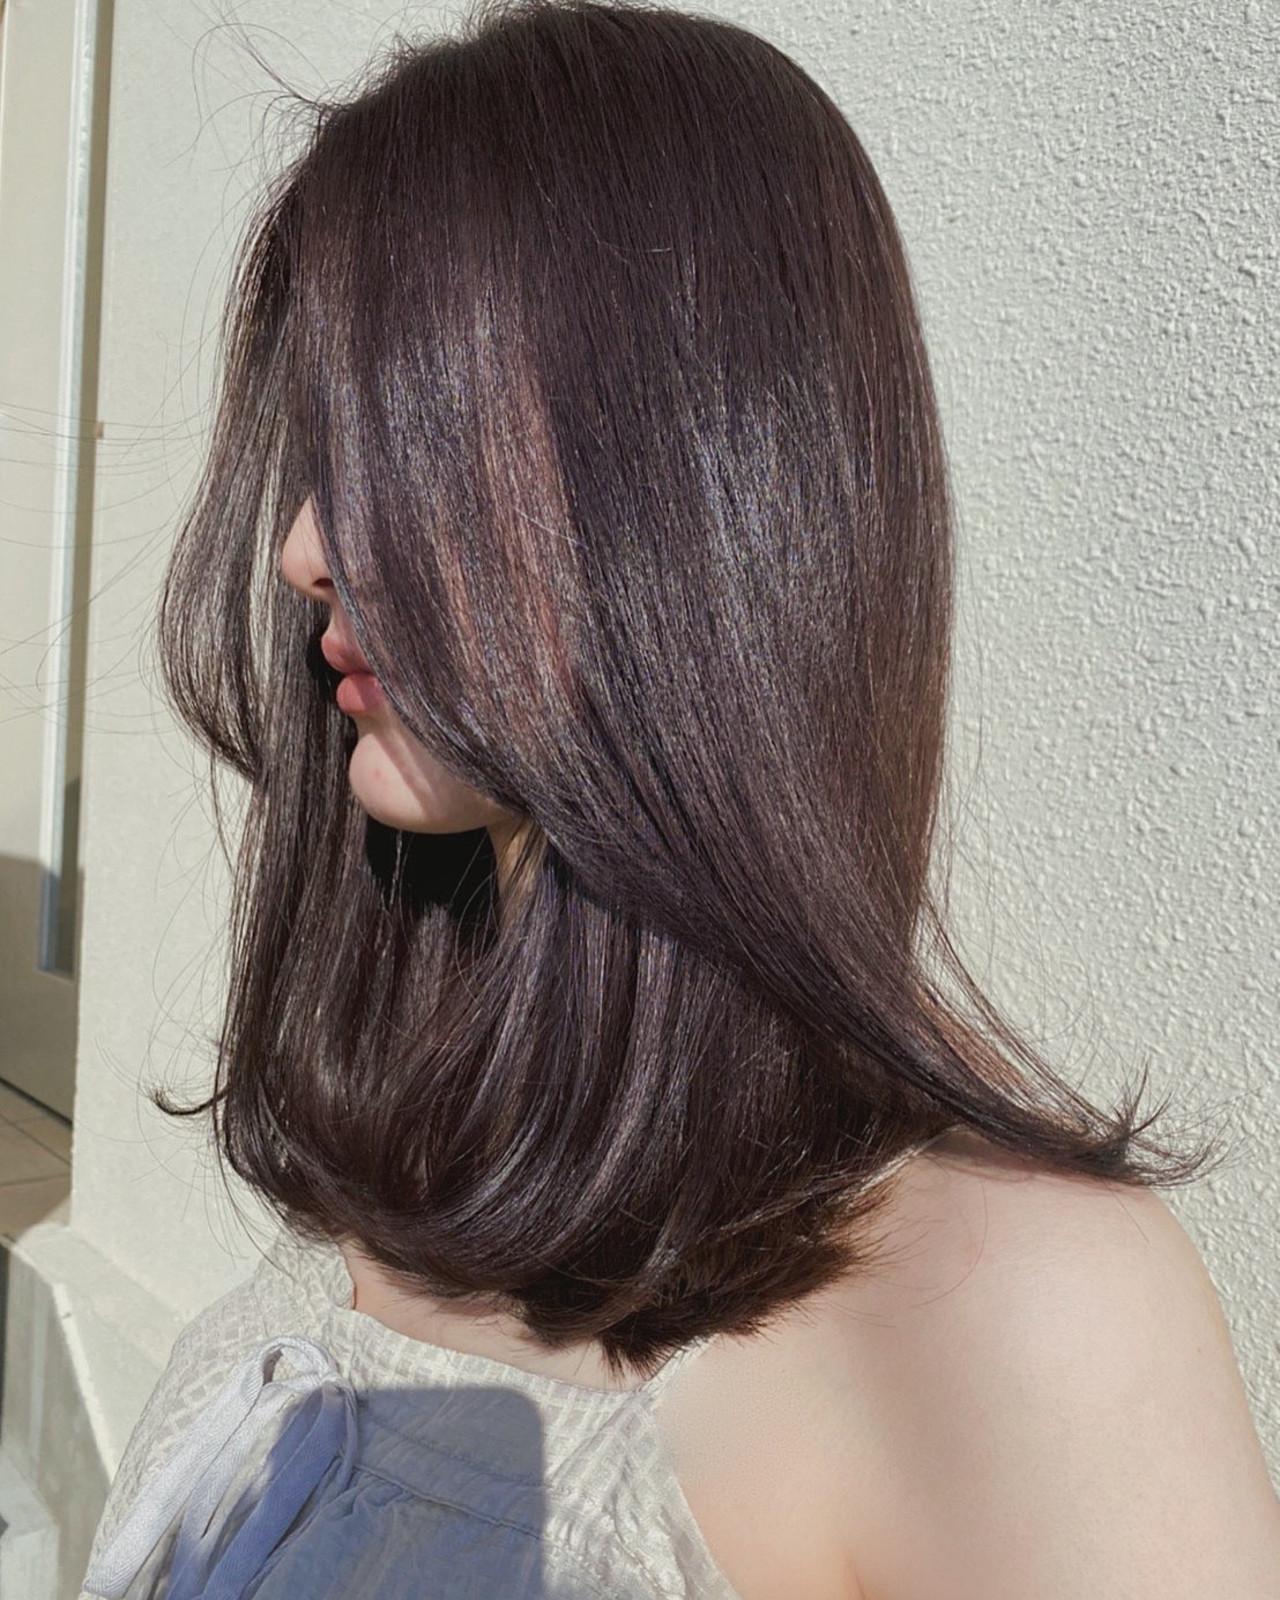 セミロング ラベンダーカラー ピンクブラウン ラベンダーピンクヘアスタイルや髪型の写真・画像